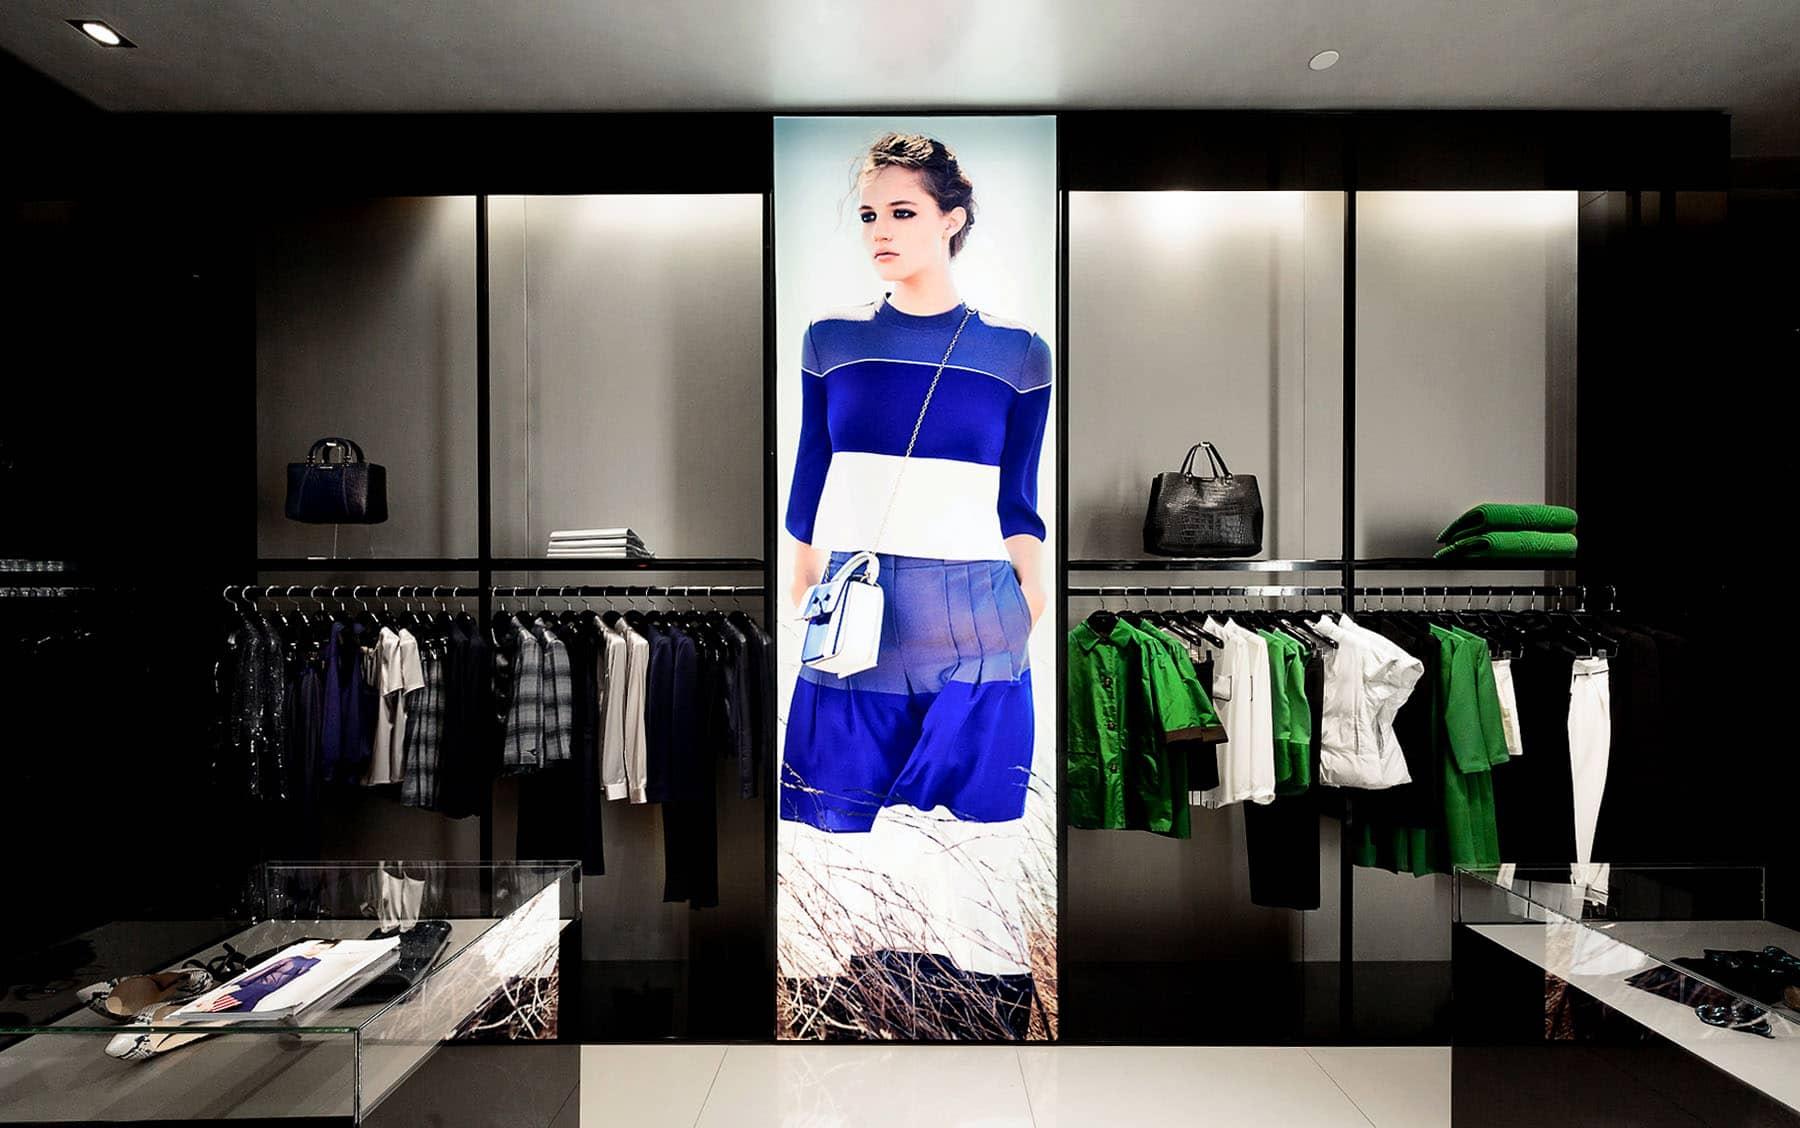 instore-clientes-armani-comunicacion-visual-espacios-comerciales